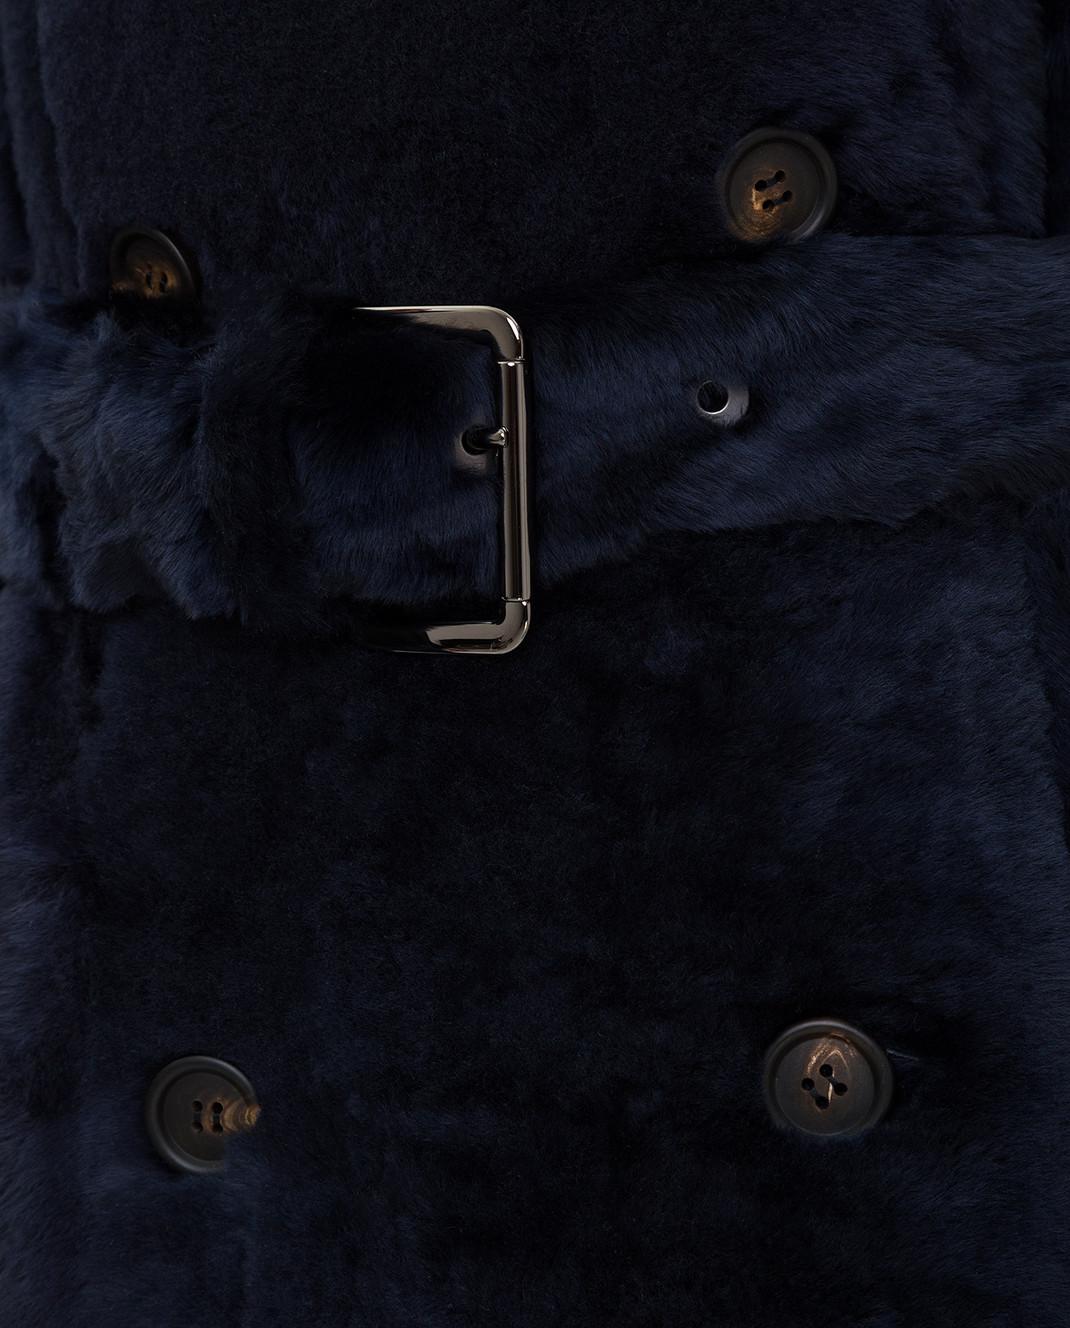 Brunello Cucinelli Темно-синяя шуба изображение 5